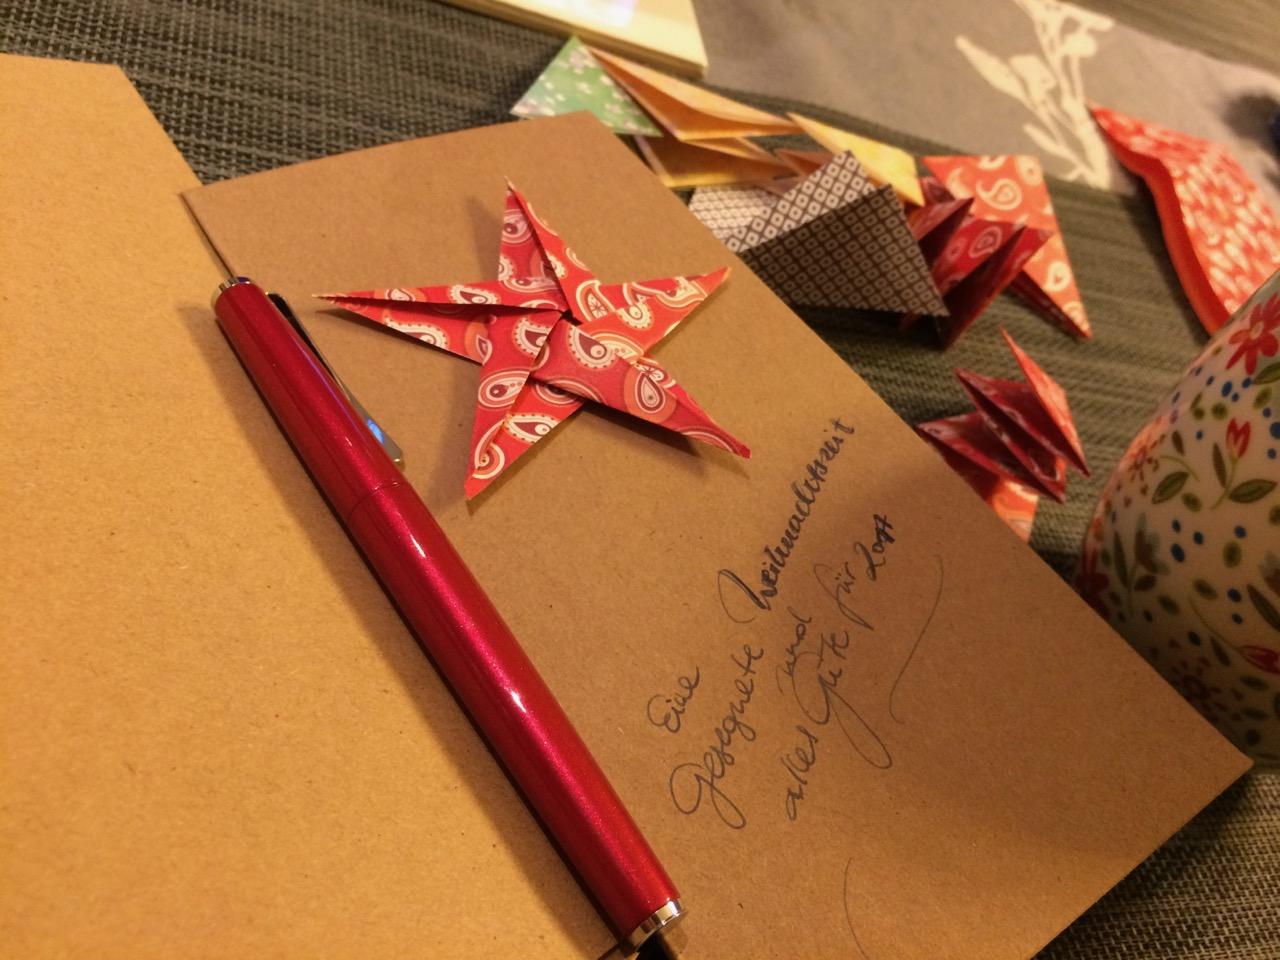 Weihnachtspost, handgeschrieben mit einem schönen Lamy Studio Füller und mit Origamisternen verziehrt